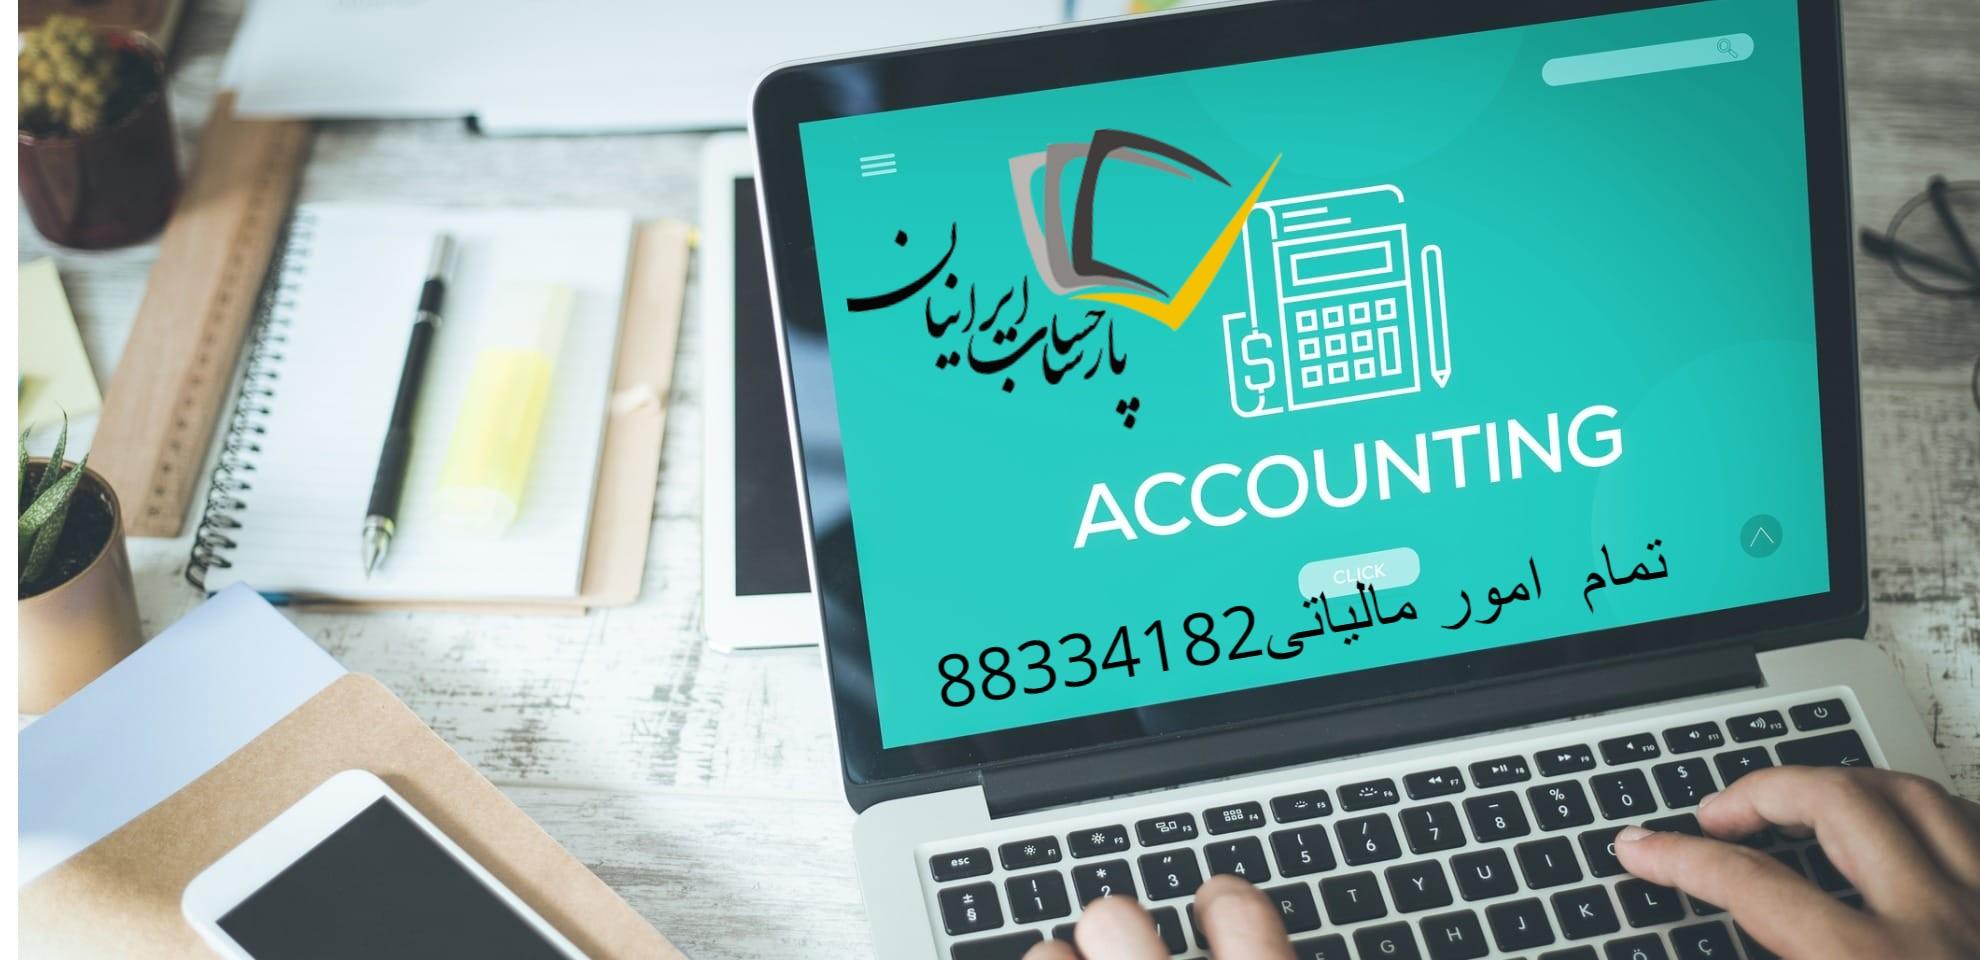 انجام حسابداری با قیمت مناسب